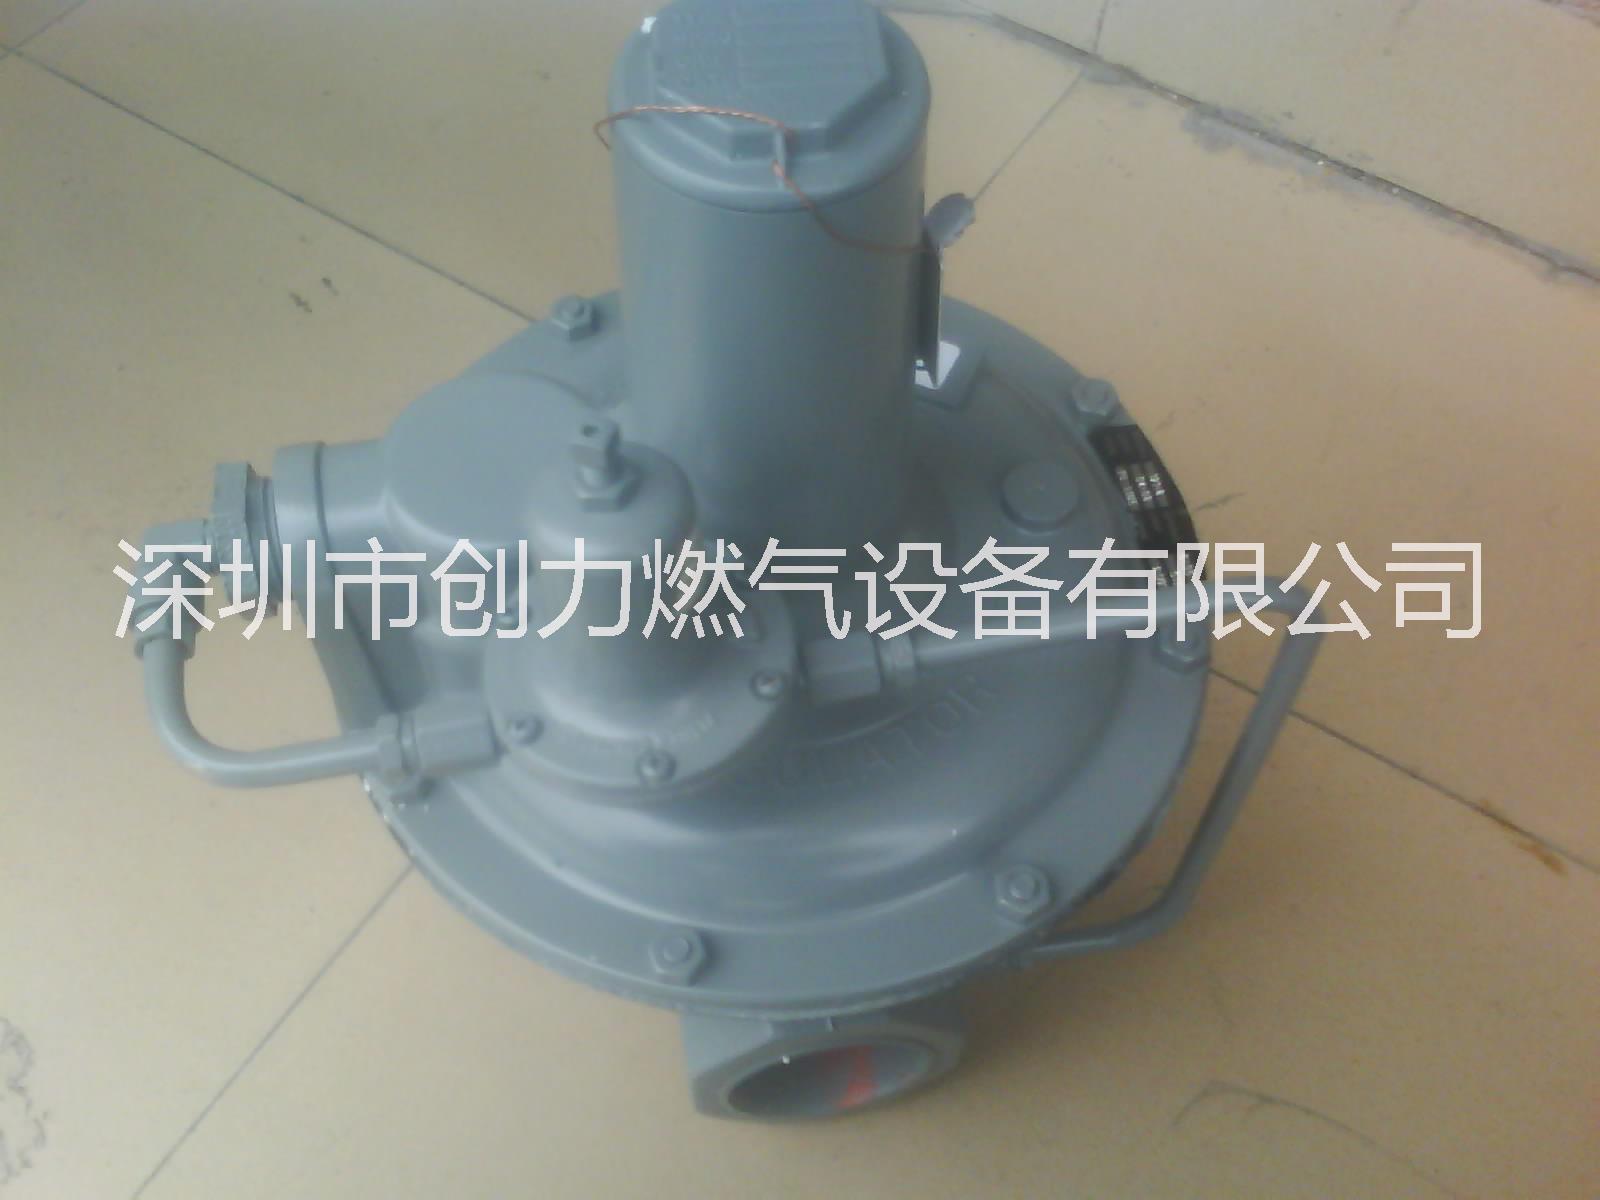 供应美国胜赛斯121-8HP调压阀/121-8HP减压器/121压力调节阀/液化气调压阀